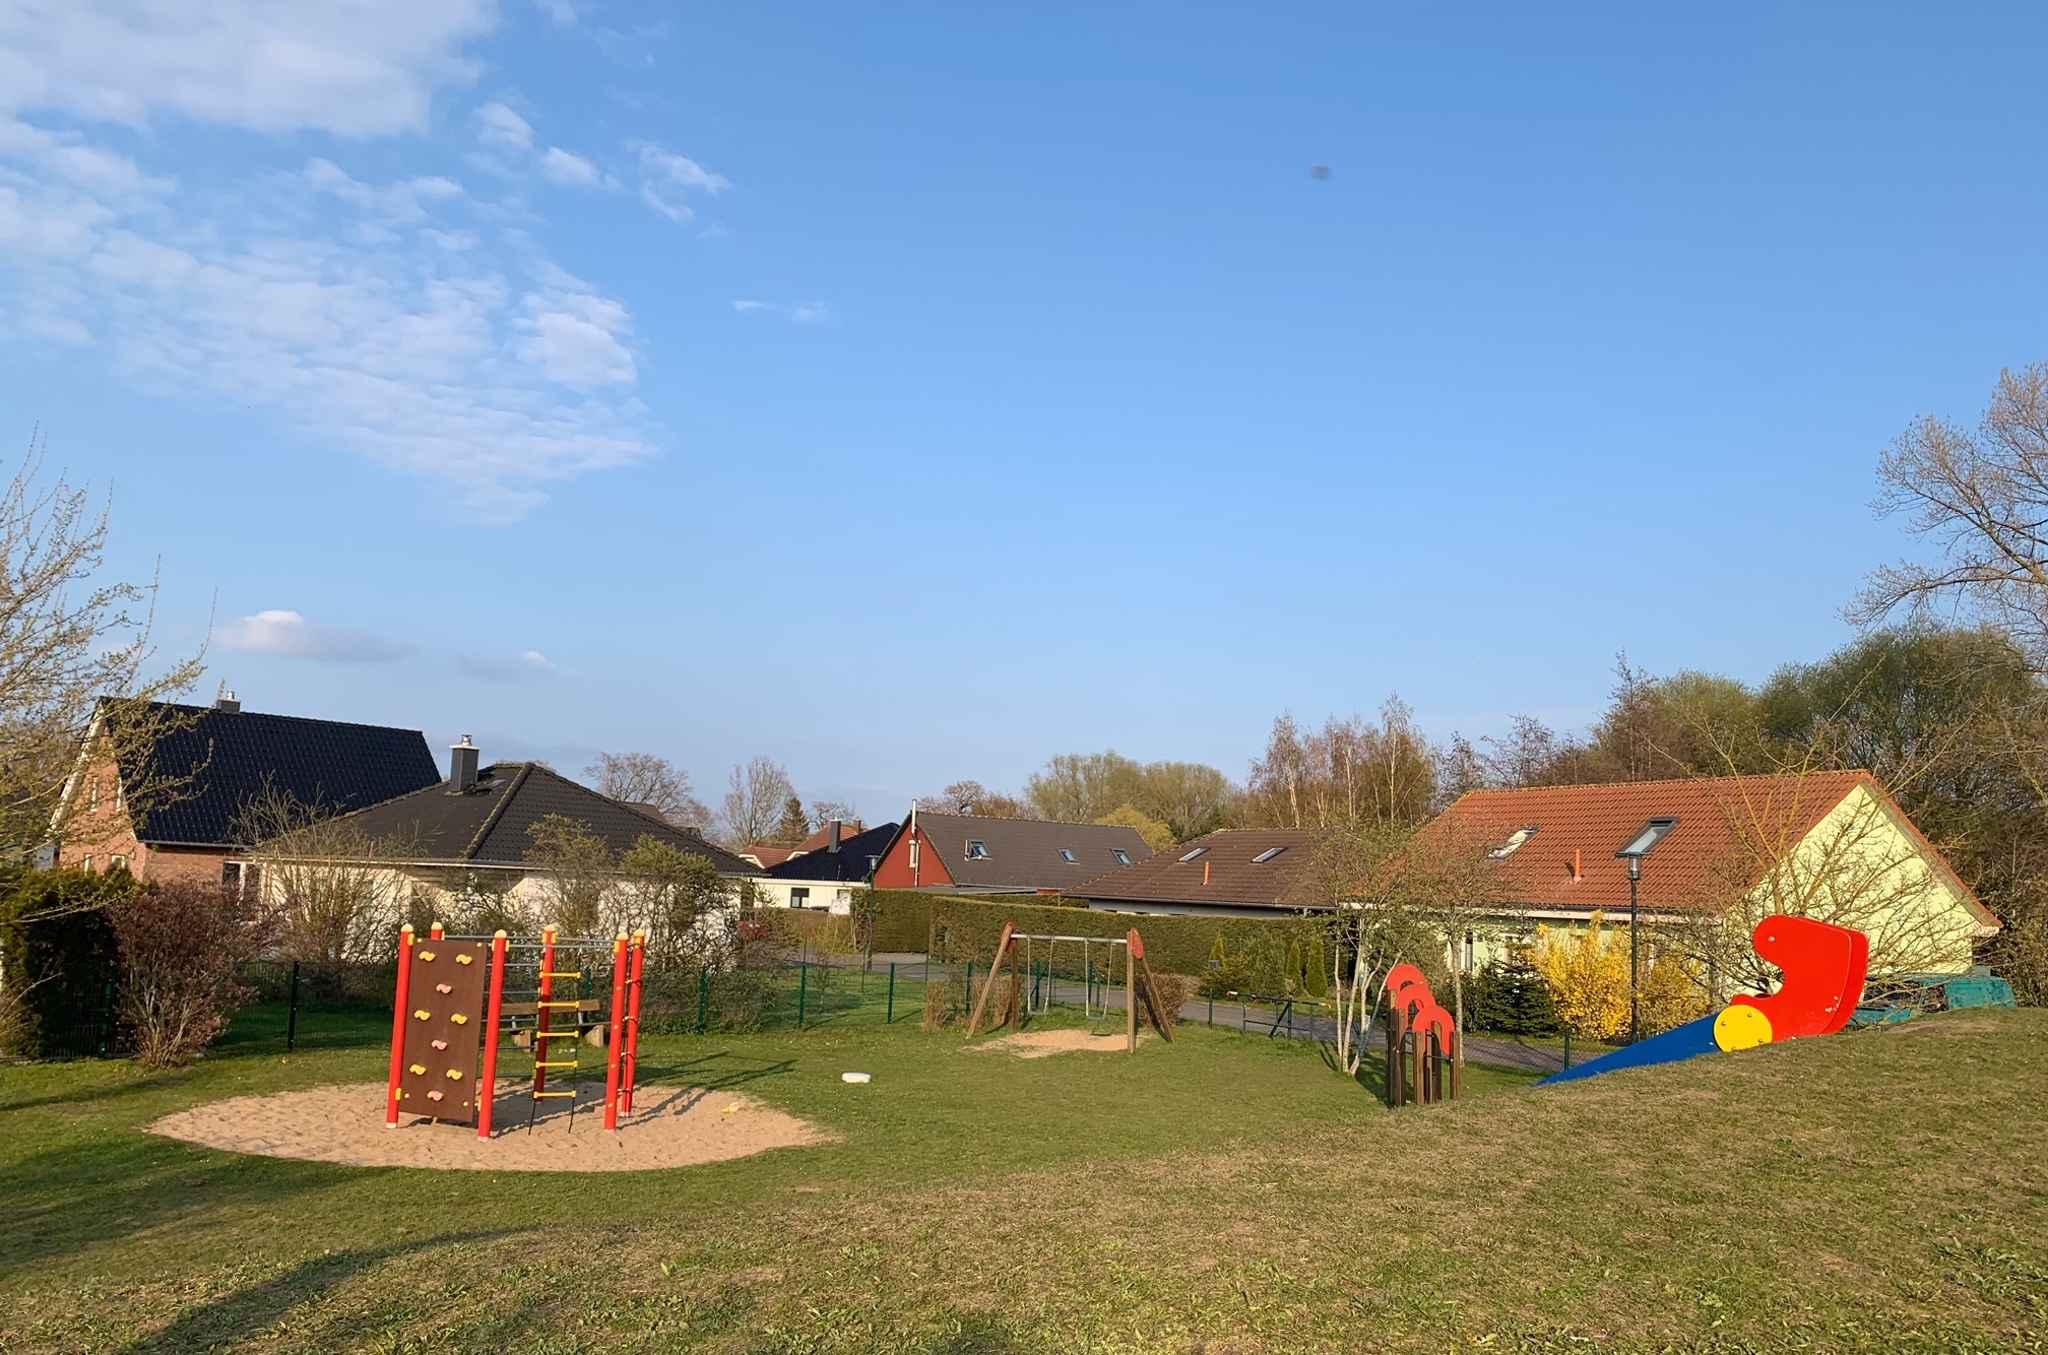 Ferienwohnung mit Garten, direkt im Kranichrastgebiet (360790), Klausdorf, Stralsund, Mecklenburg-Vorpommern, Deutschland, Bild 5